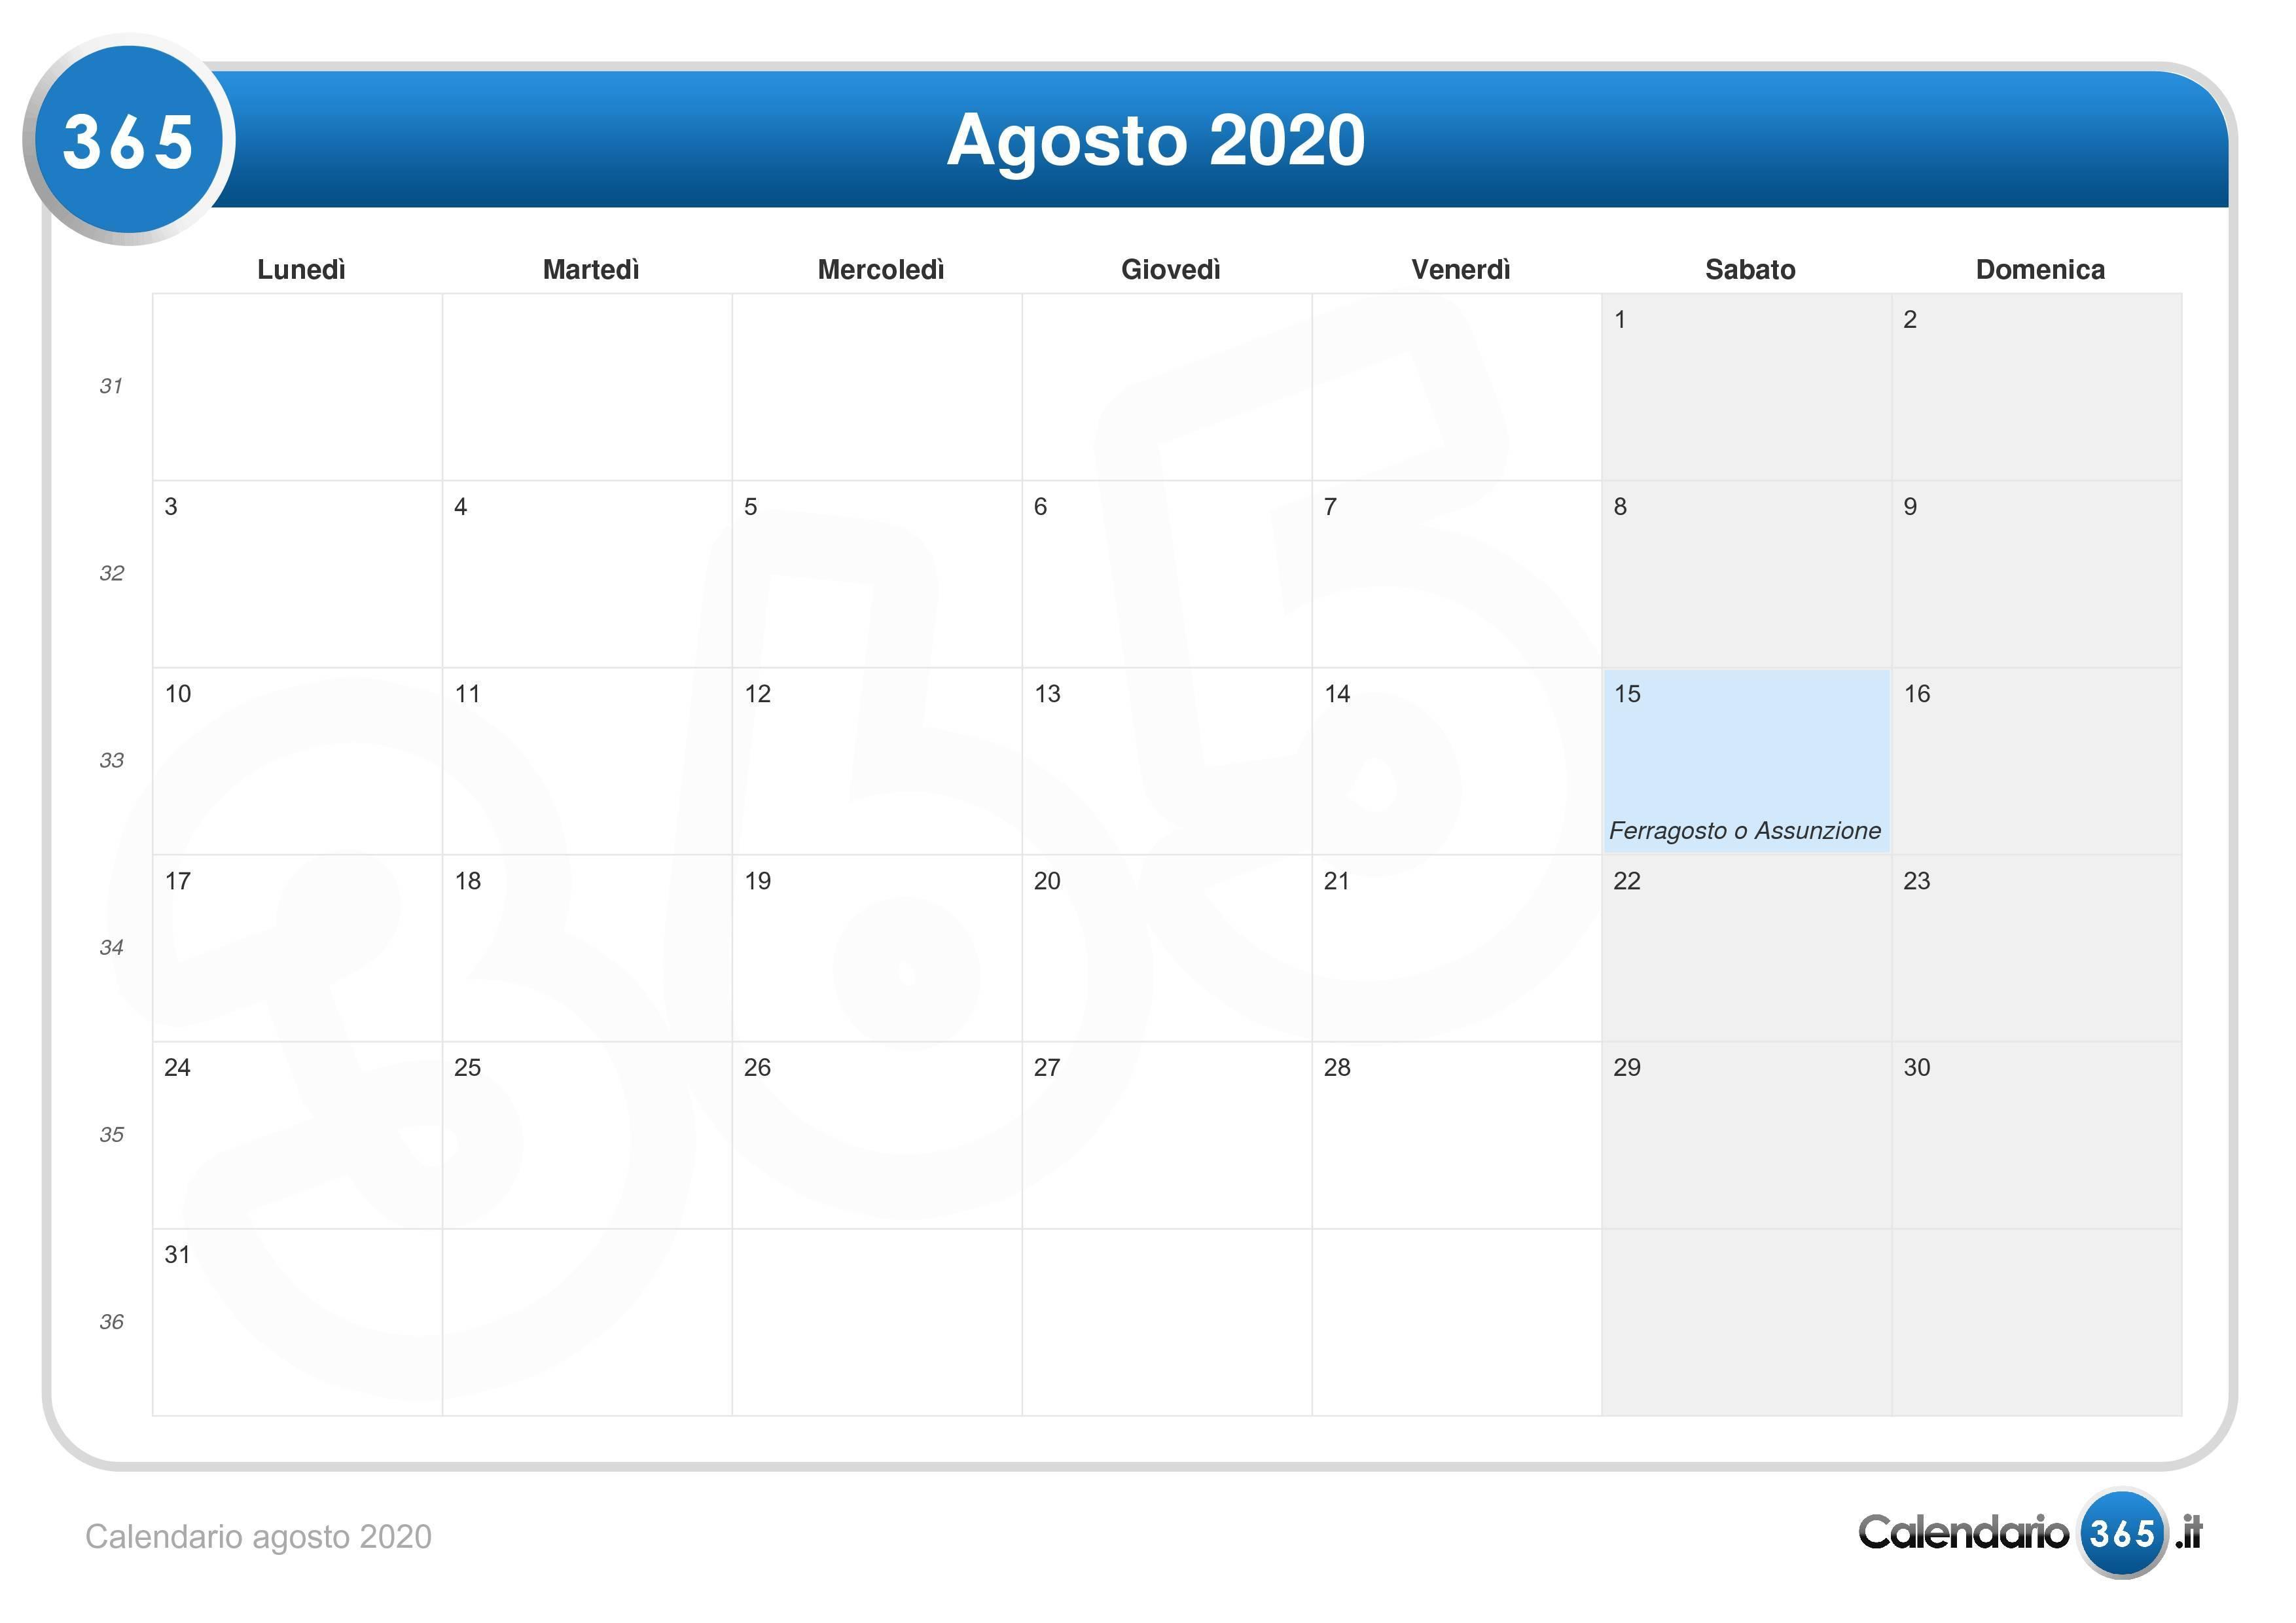 Agosto 2020 Calendario.Calendario Agosto 2020